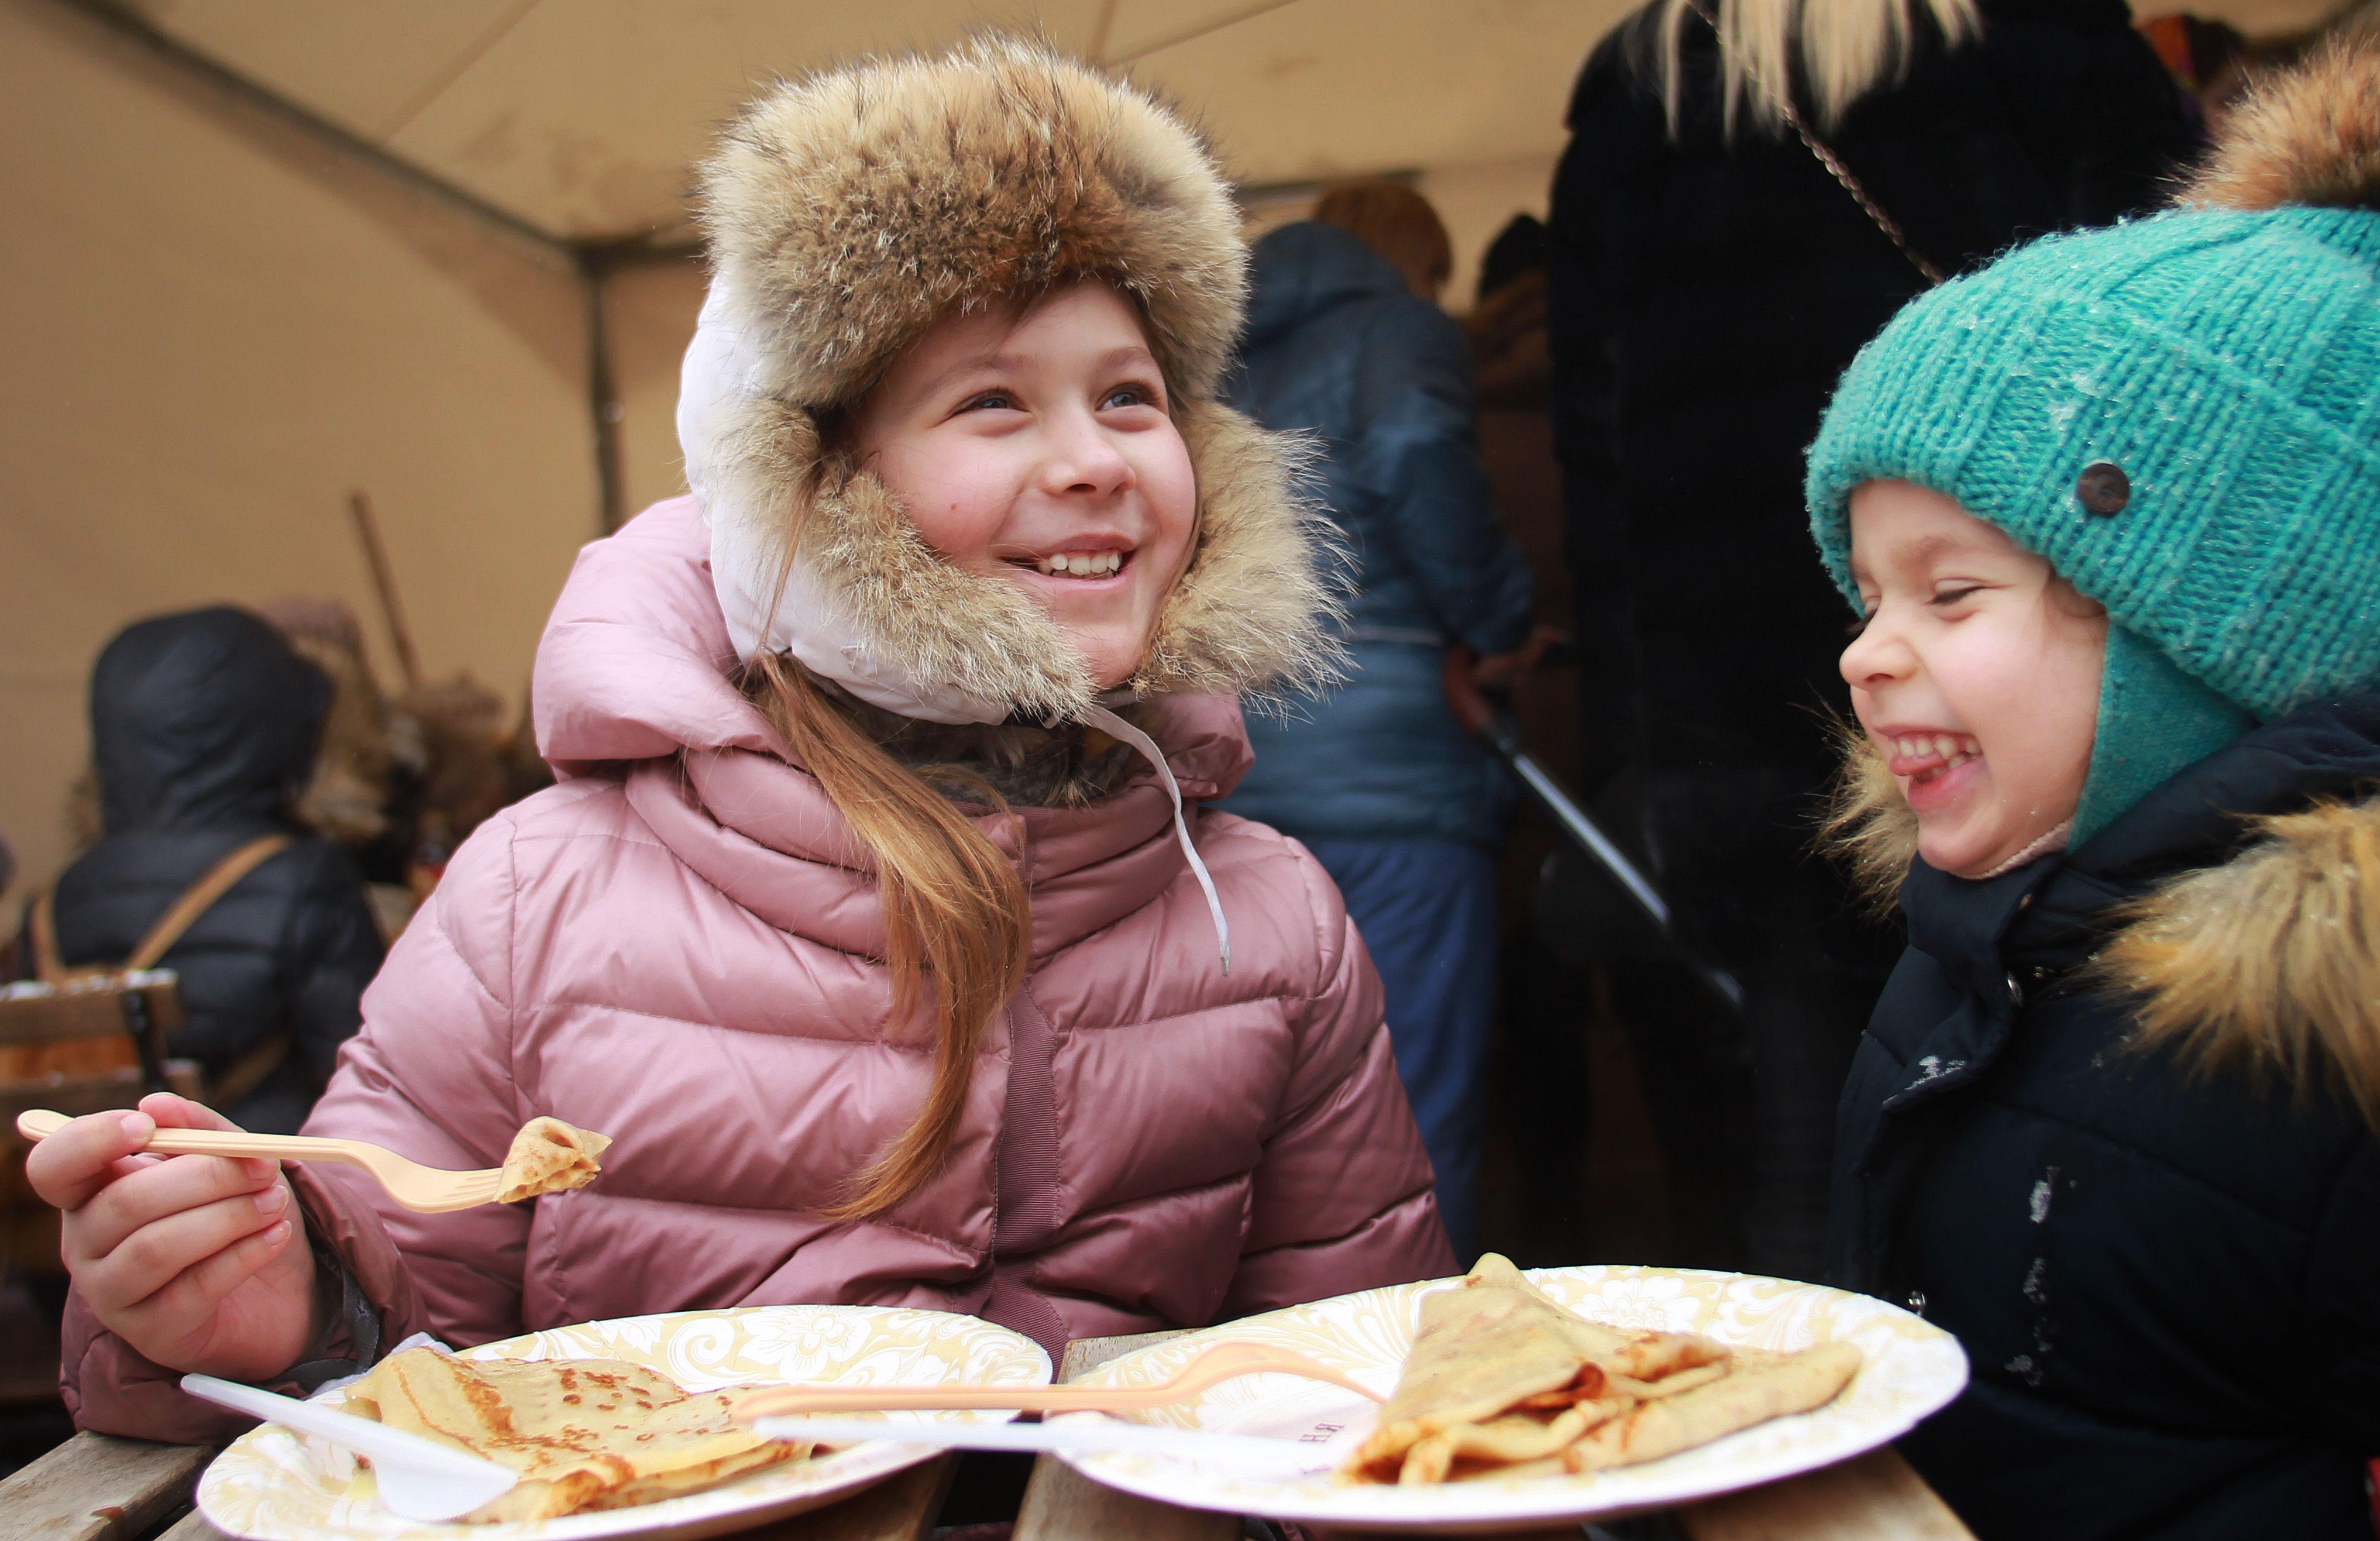 Жителей Орехова-Борисова Южного пригласили проводить зиму играми и пирогами